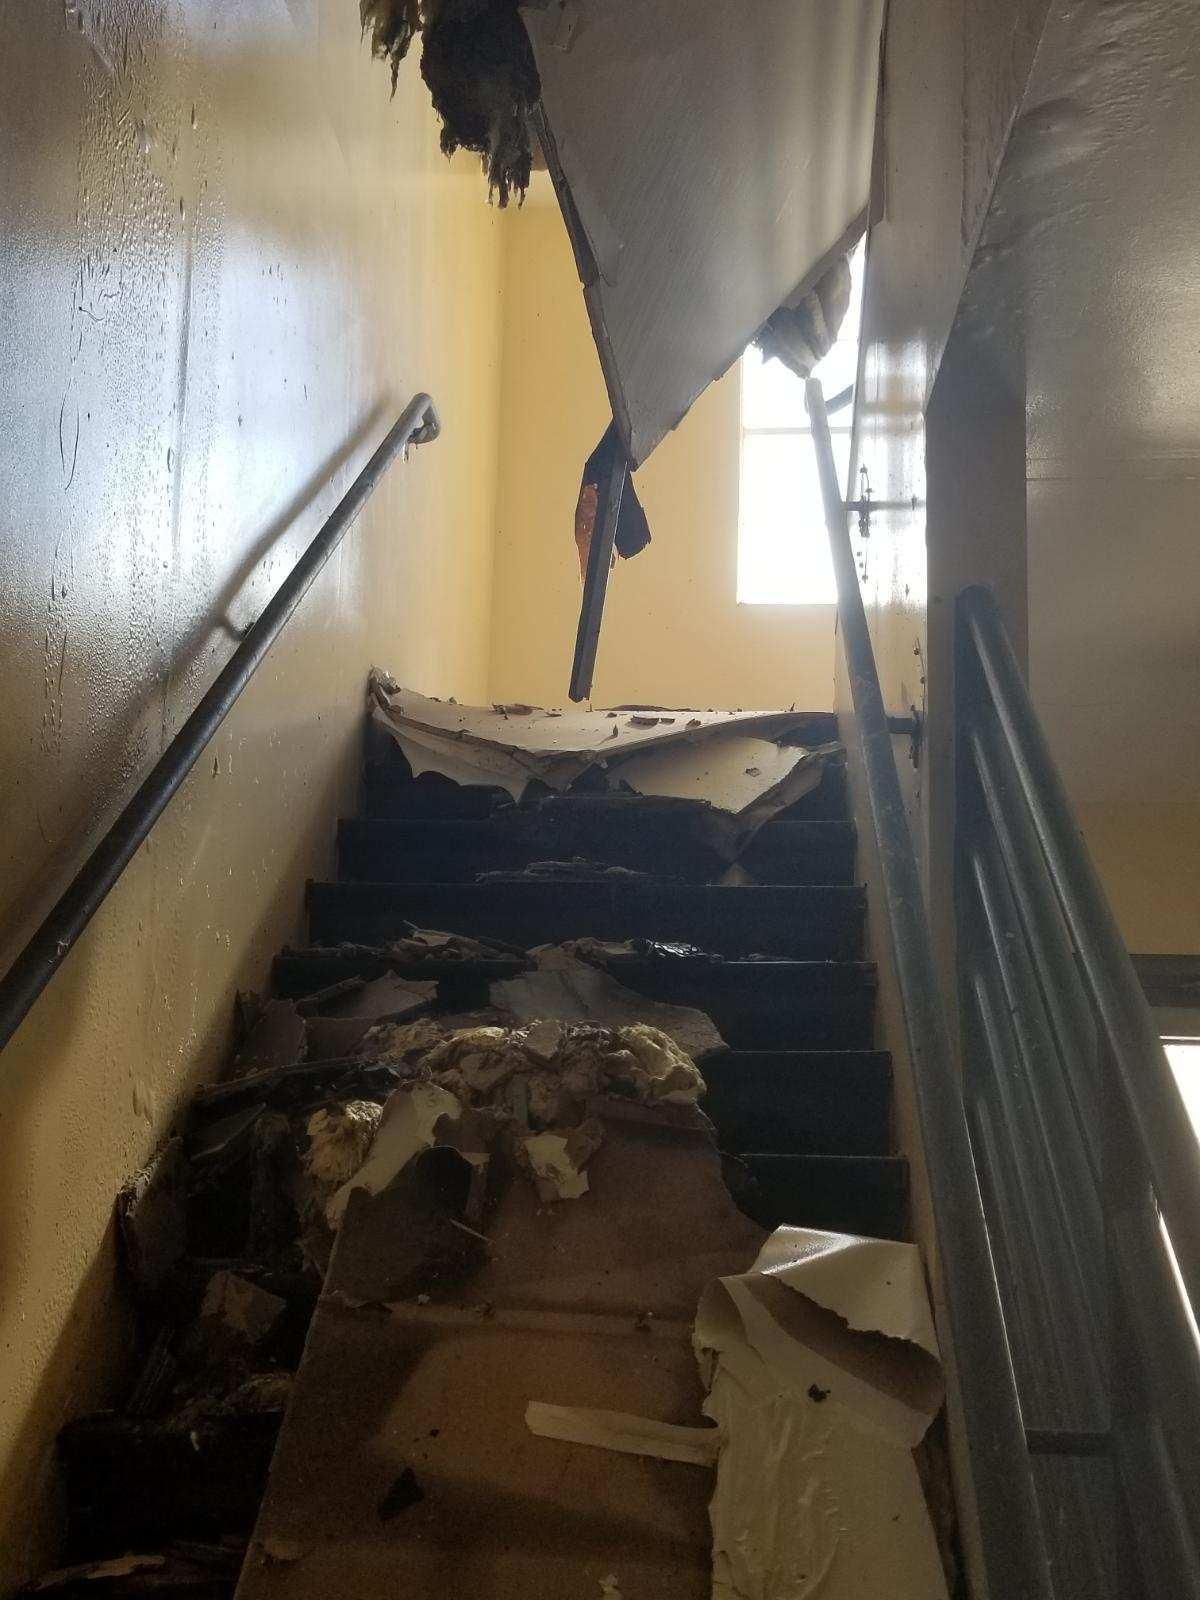 Mclane Fire Struck Seventh Grade Classrooms